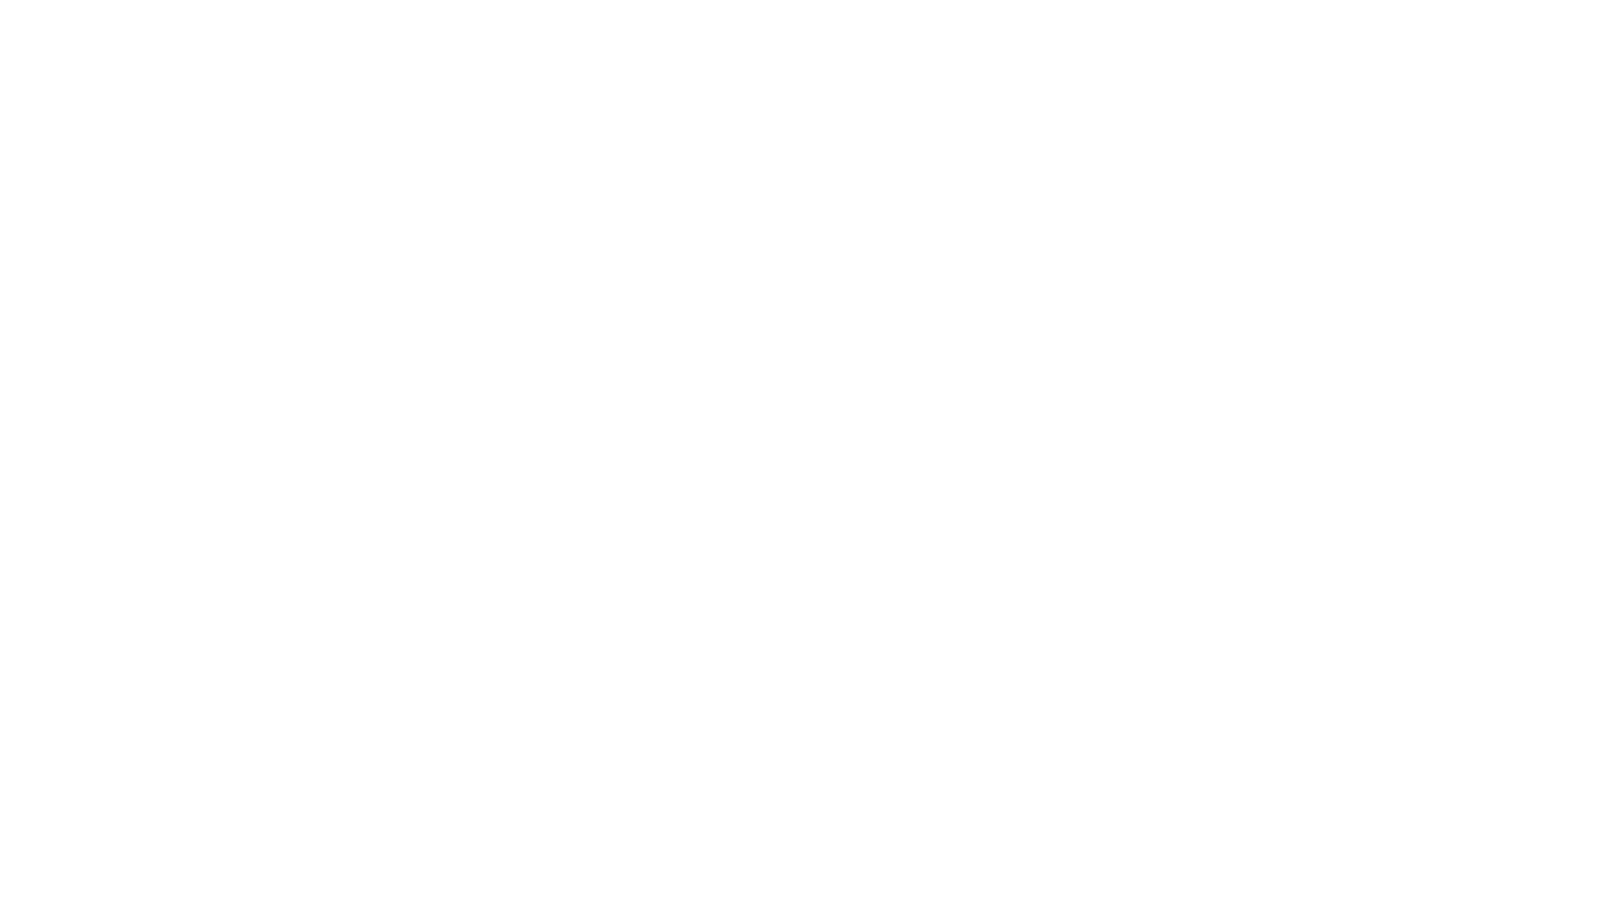 Treinamentos Disponíveis no Clube de Membros   Nível Monitor 30/mês  Playlist Opções para iniciantes  Segredo das opções  Especialização em Trava Horizontal de Linha (acessa grupo e Telegram )   Confira os benefícios dessa assinatura! https://www.youtube.com/channel/UC1Mzob_roDEbM71awrads5A/join  Nível Imersão em Opções (com grupo de estudo por Telegram)  1.Sniper Gauss (básico , 15 aulas ) 2.Imersão em opções ( Inter , 20 aulas) 3.Hedges (inter , 20 aulas) 4.Day Trade e Swing de opções (Inter , 20 aulas) 5.Borboleta e Fly de Abev3 ( avançado)  Acesse o Canal do Telegram https://t.me/derivativos Estratégias/Tesourarias (400/mês) Para quem tem custódia de ações e quer rentabilizar. 1.Estratégias/Tesourarias  1.1 Estratégias de Tesouraria (20) 1.2 Teoria da Binarização (10) 1.3 . Estratégias de Barreira   Site www.professorsu.com.br